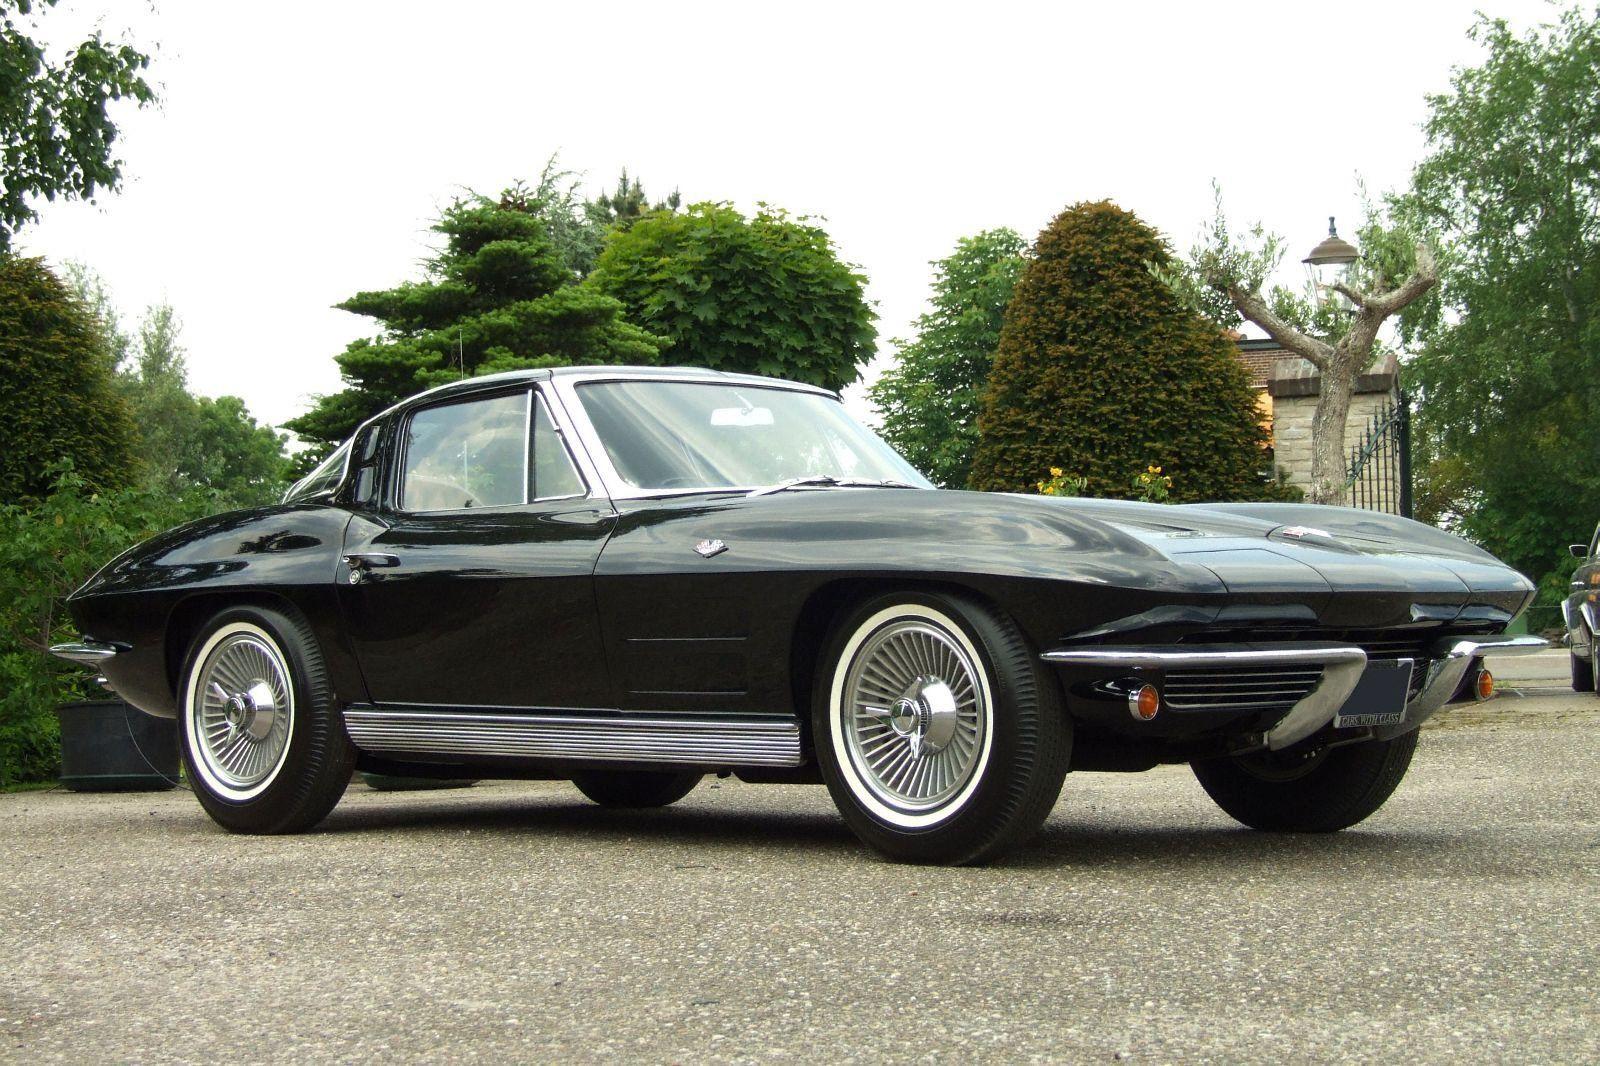 1963 C2 Corvette | 1963 Corvette | Corvette, Chevrolet